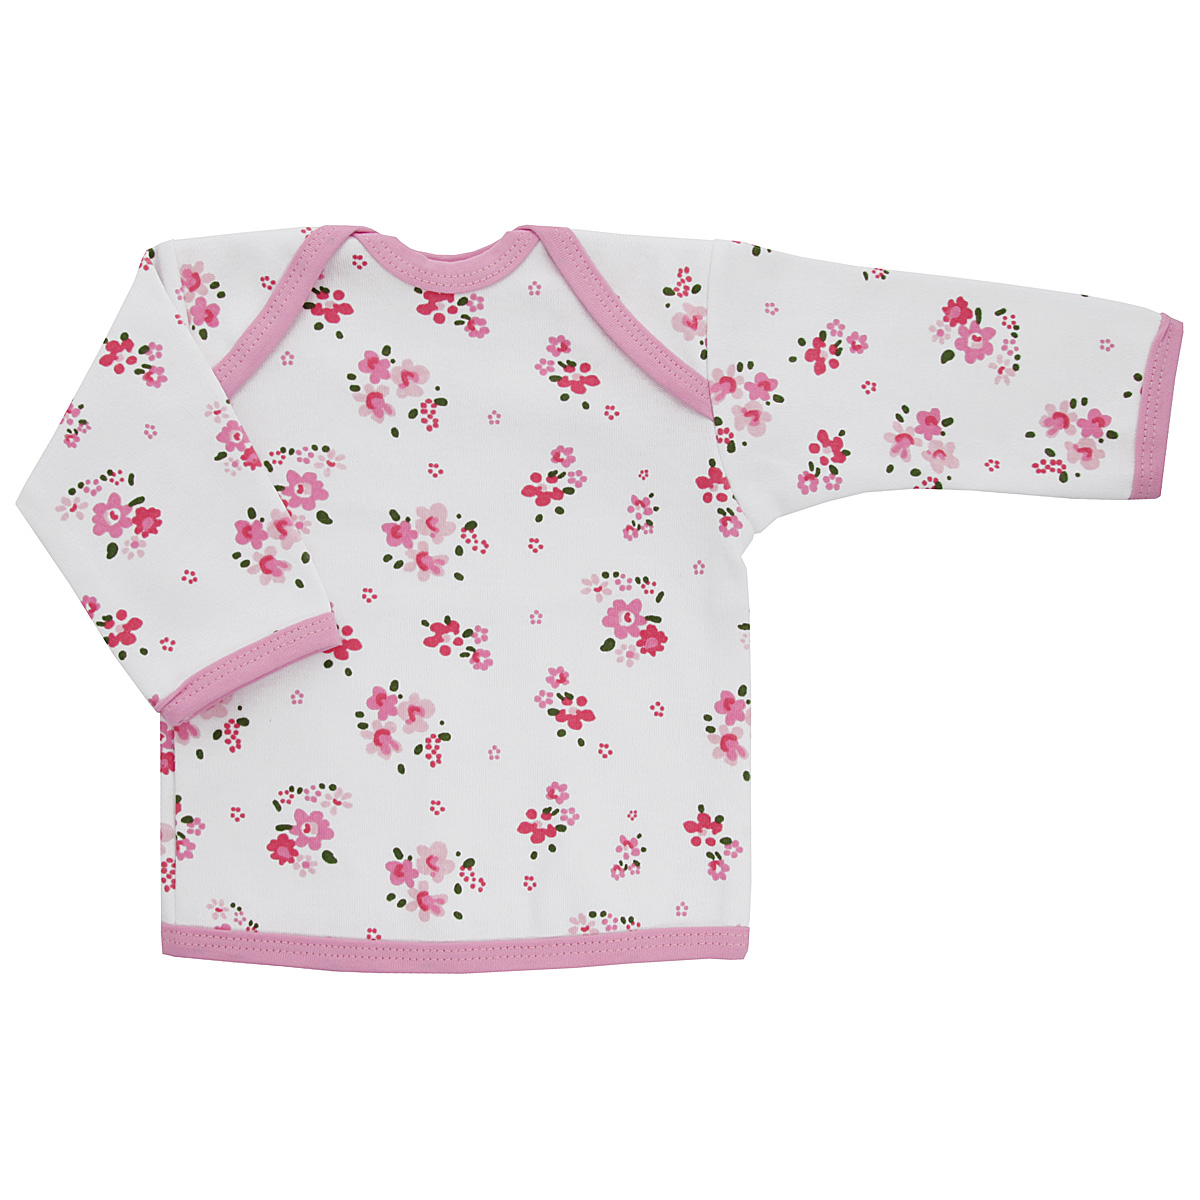 Футболка с длинным рукавом для девочки Трон-плюс, цвет: белый, розовый. 5611_цветы. Размер 80, 12 месяцев